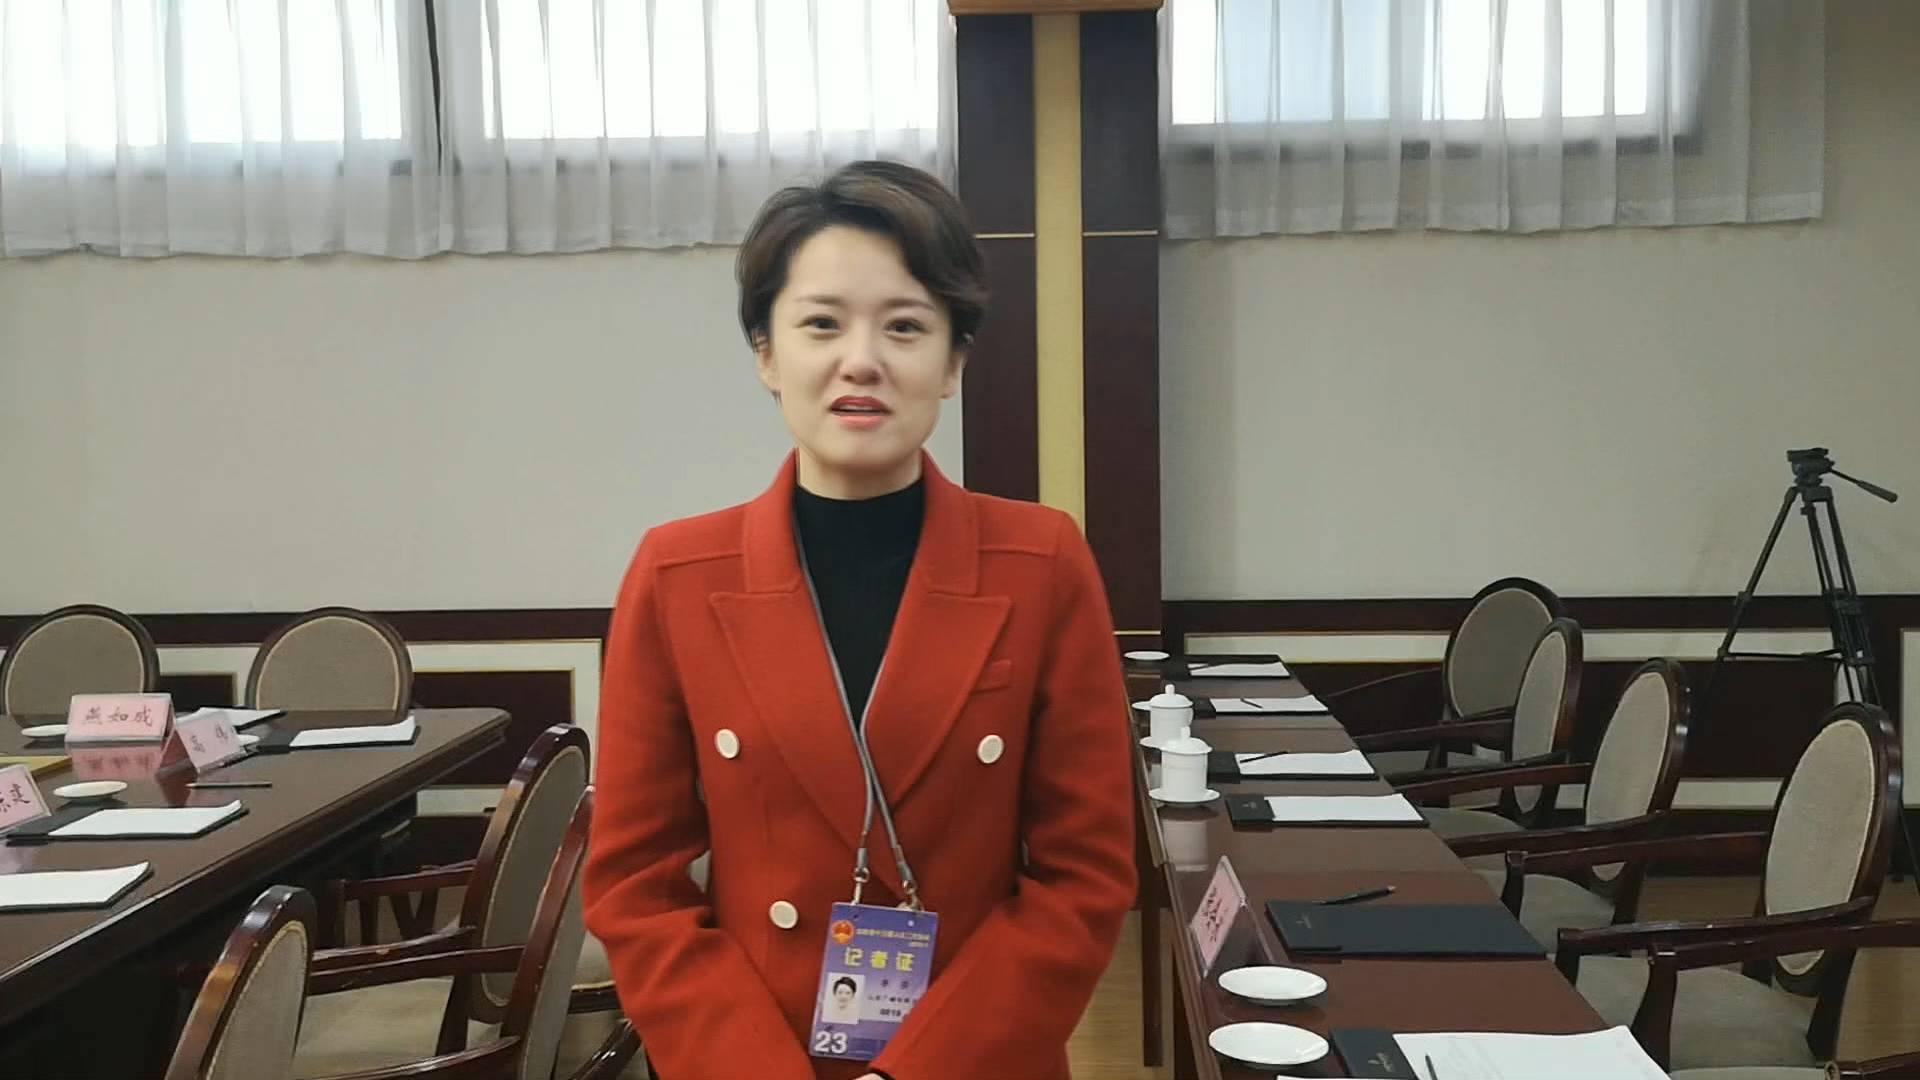 """【李莎""""捎话""""上两会】省人大代表魏荣庆:《关于制定〈山东省家庭教育促进条例〉的议案》通过大会审查  希望未来形成条例"""